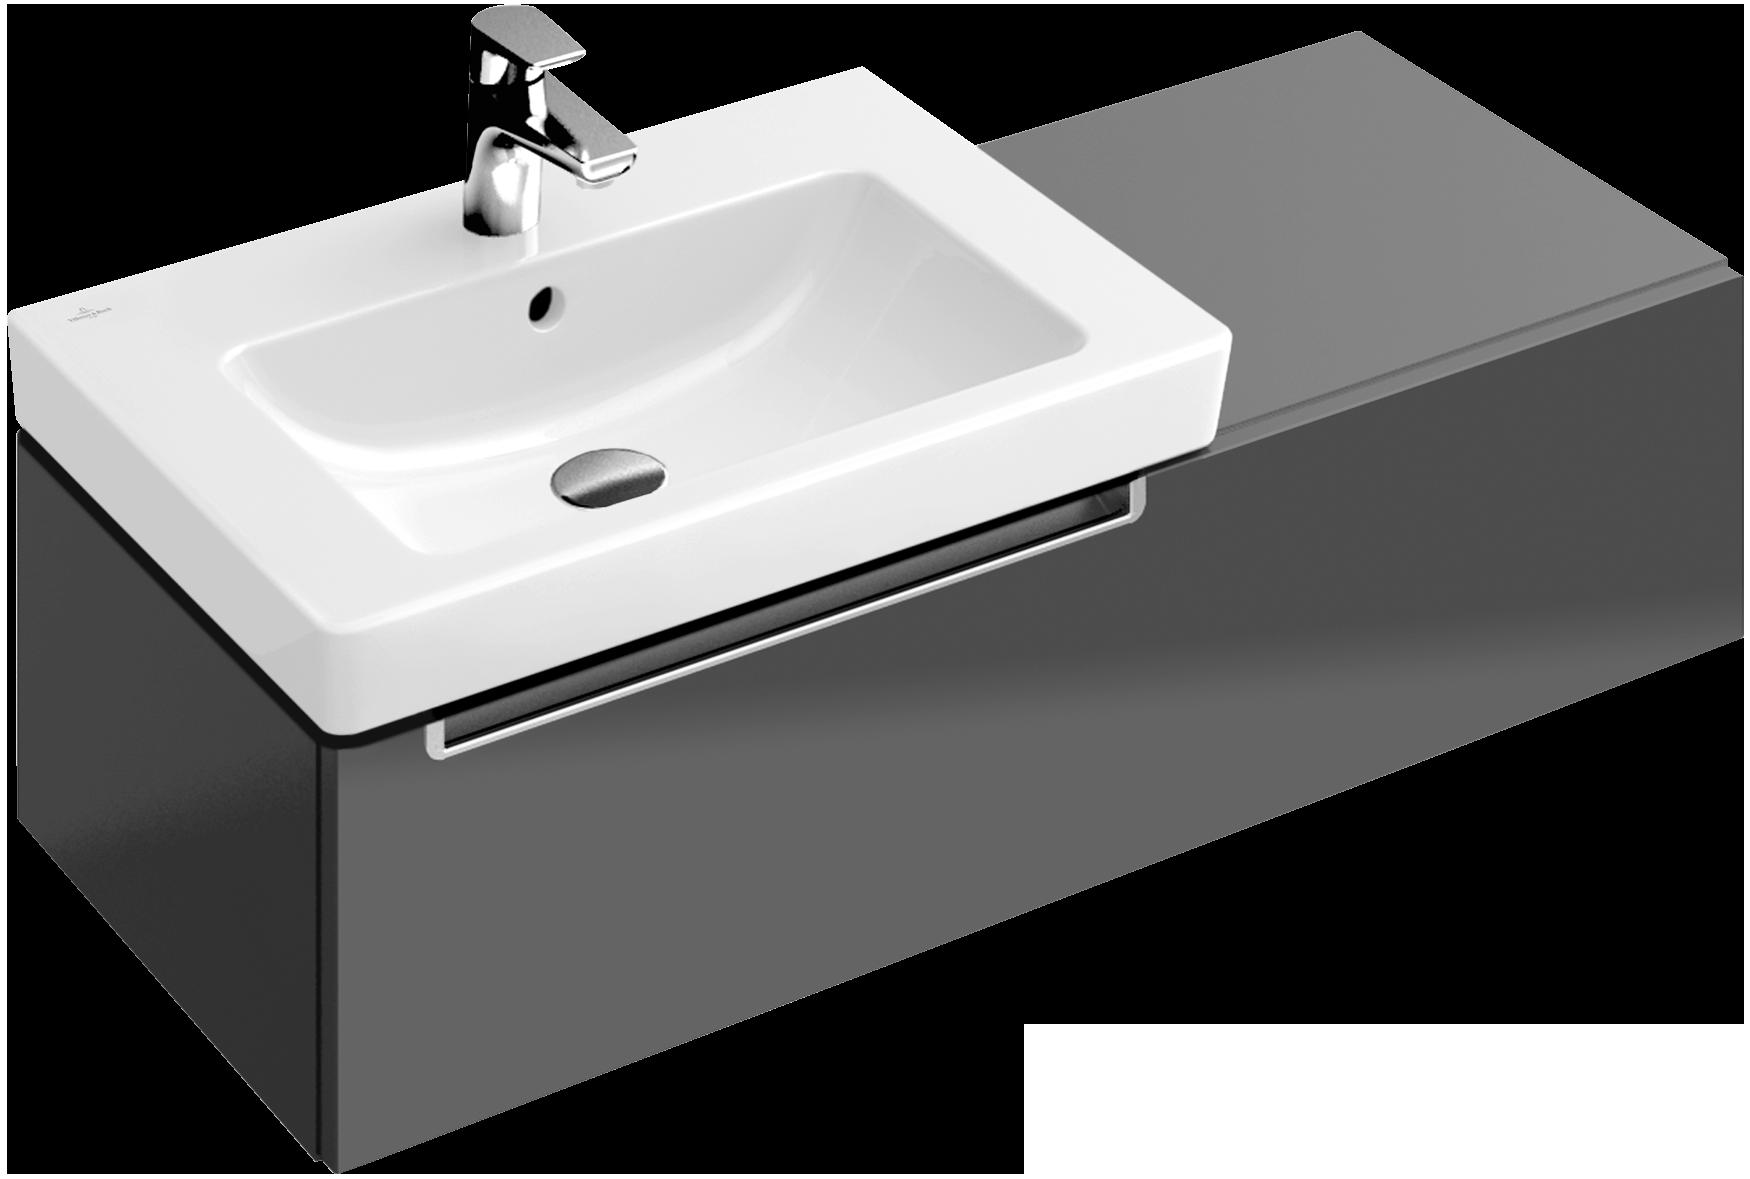 Hervorragend Subway 2.0 Waschtischunterschrank A7010R - Villeroy & Boch YI01